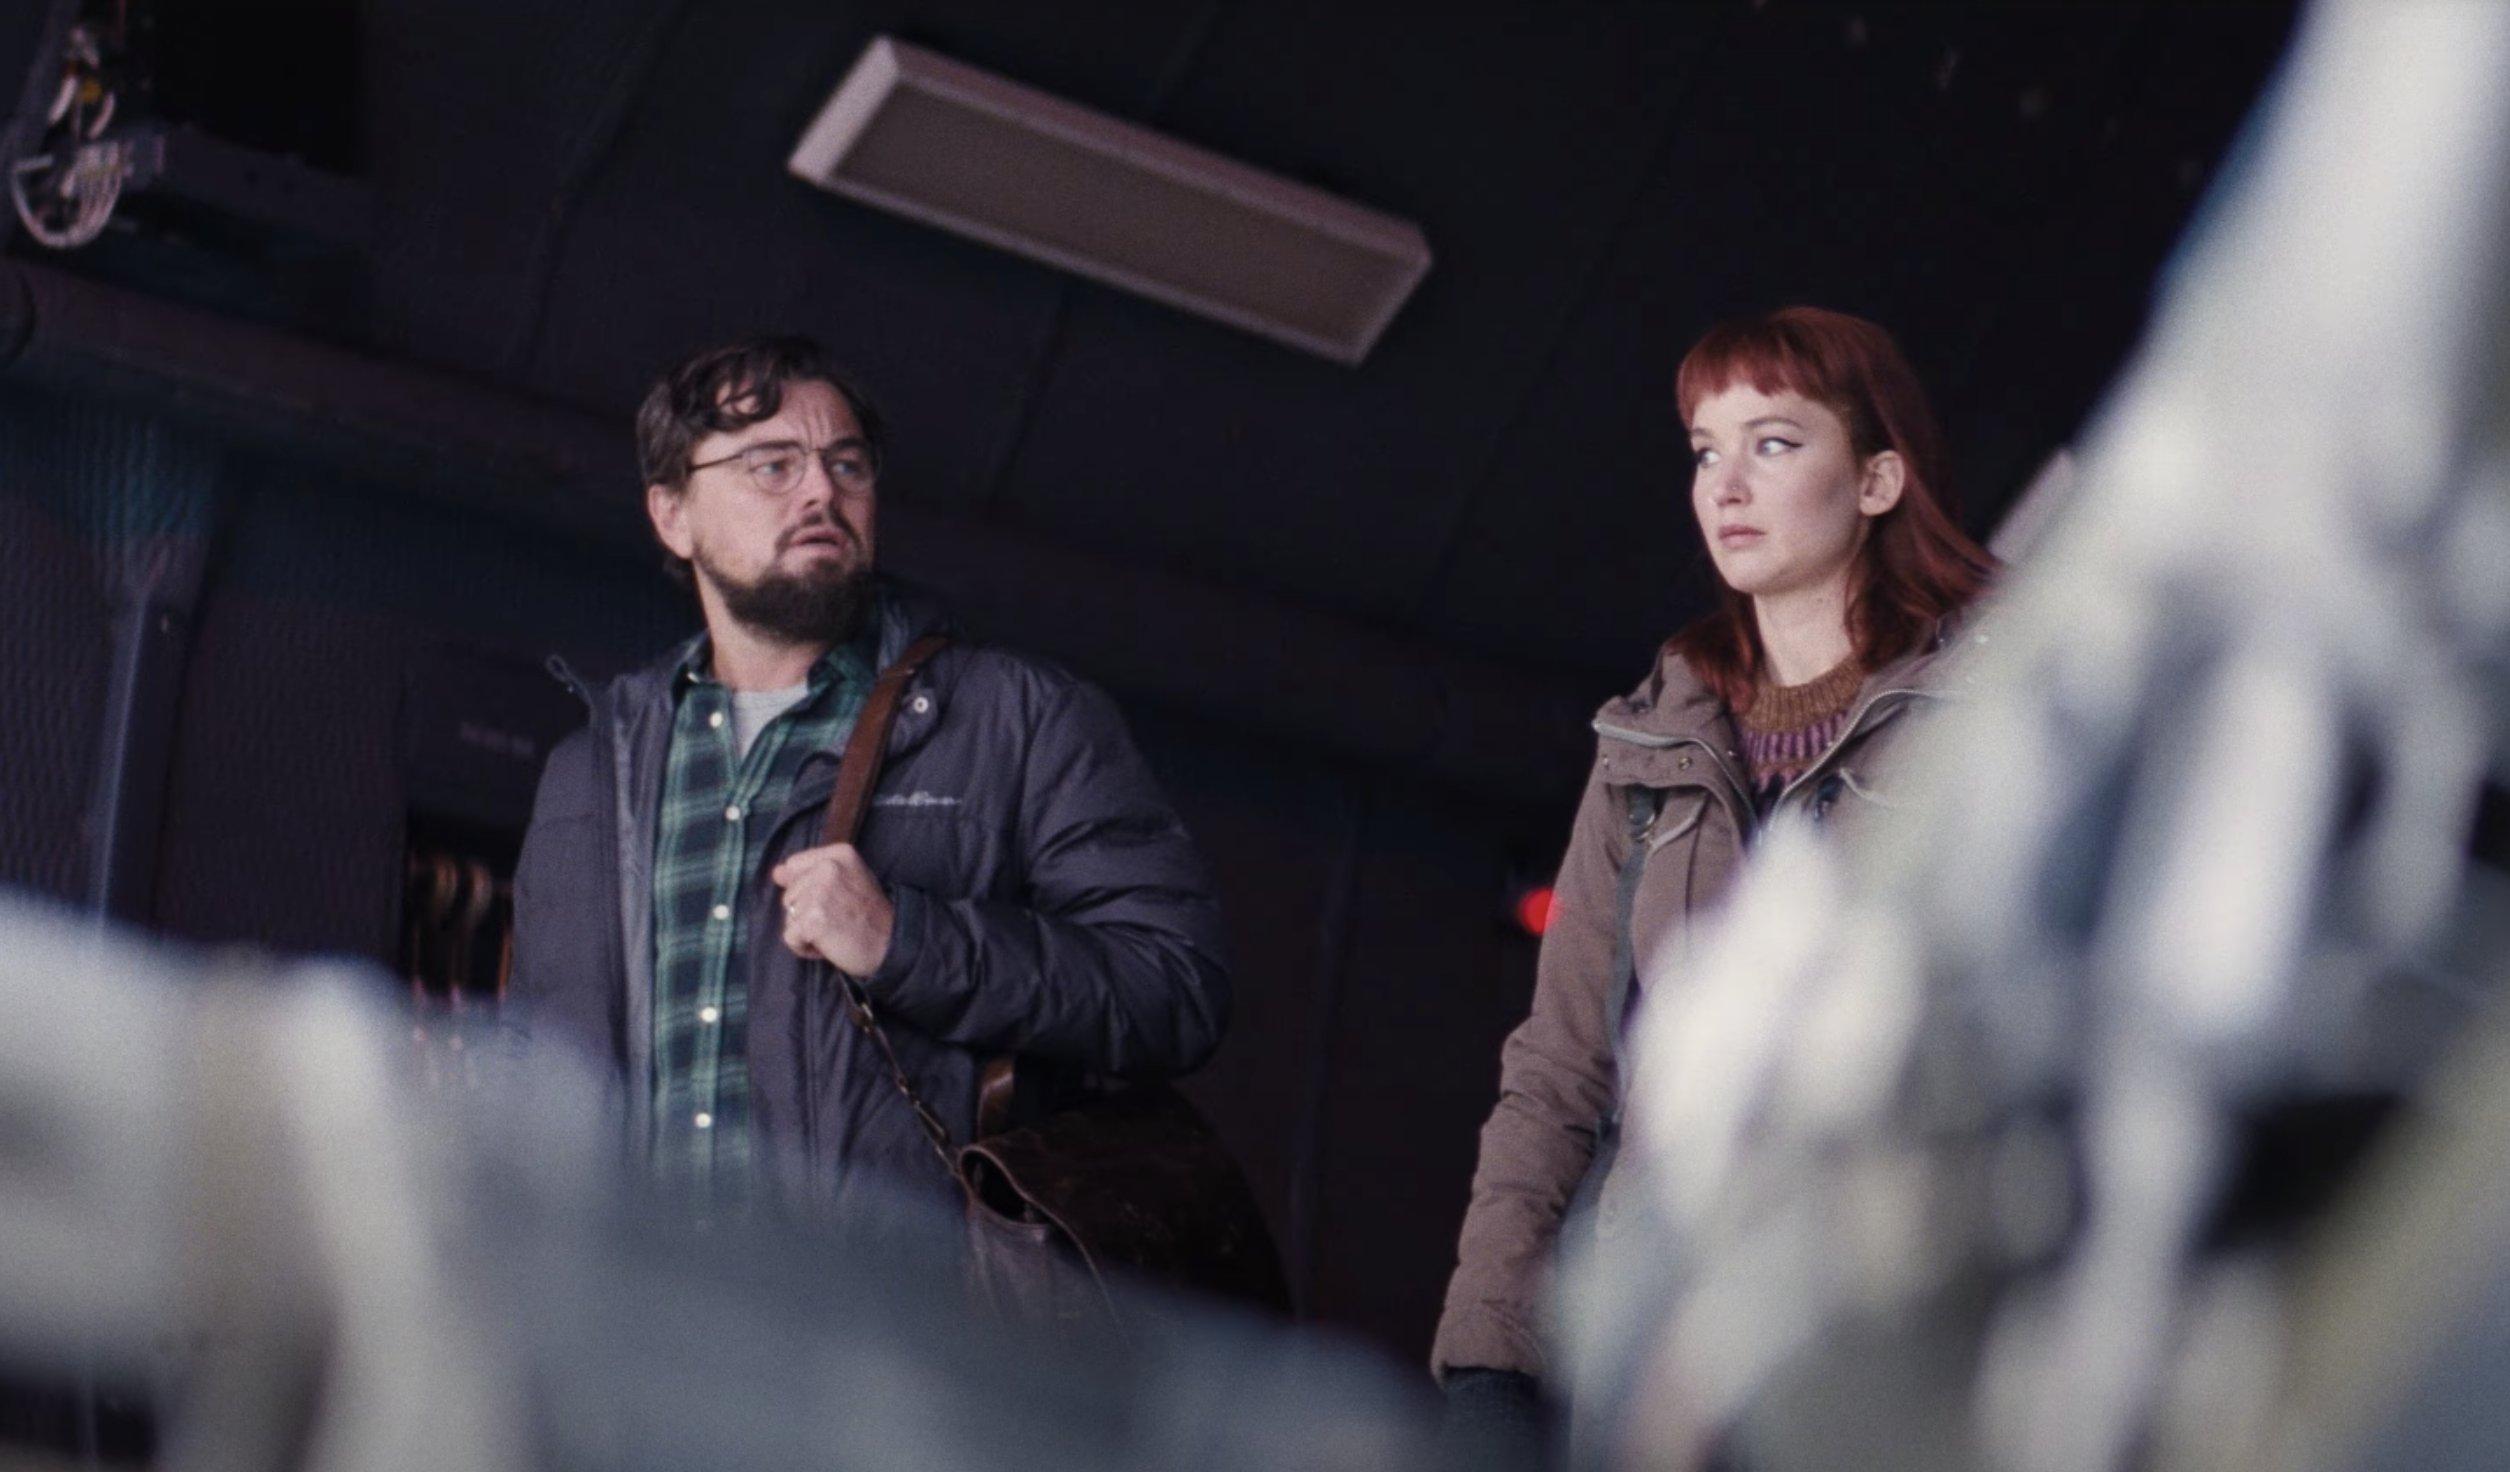 Netflix divulga trailer com seus principais filmes de 2021, incluindo Don't Look Up com DiCaprio e Jennifer Lawrence